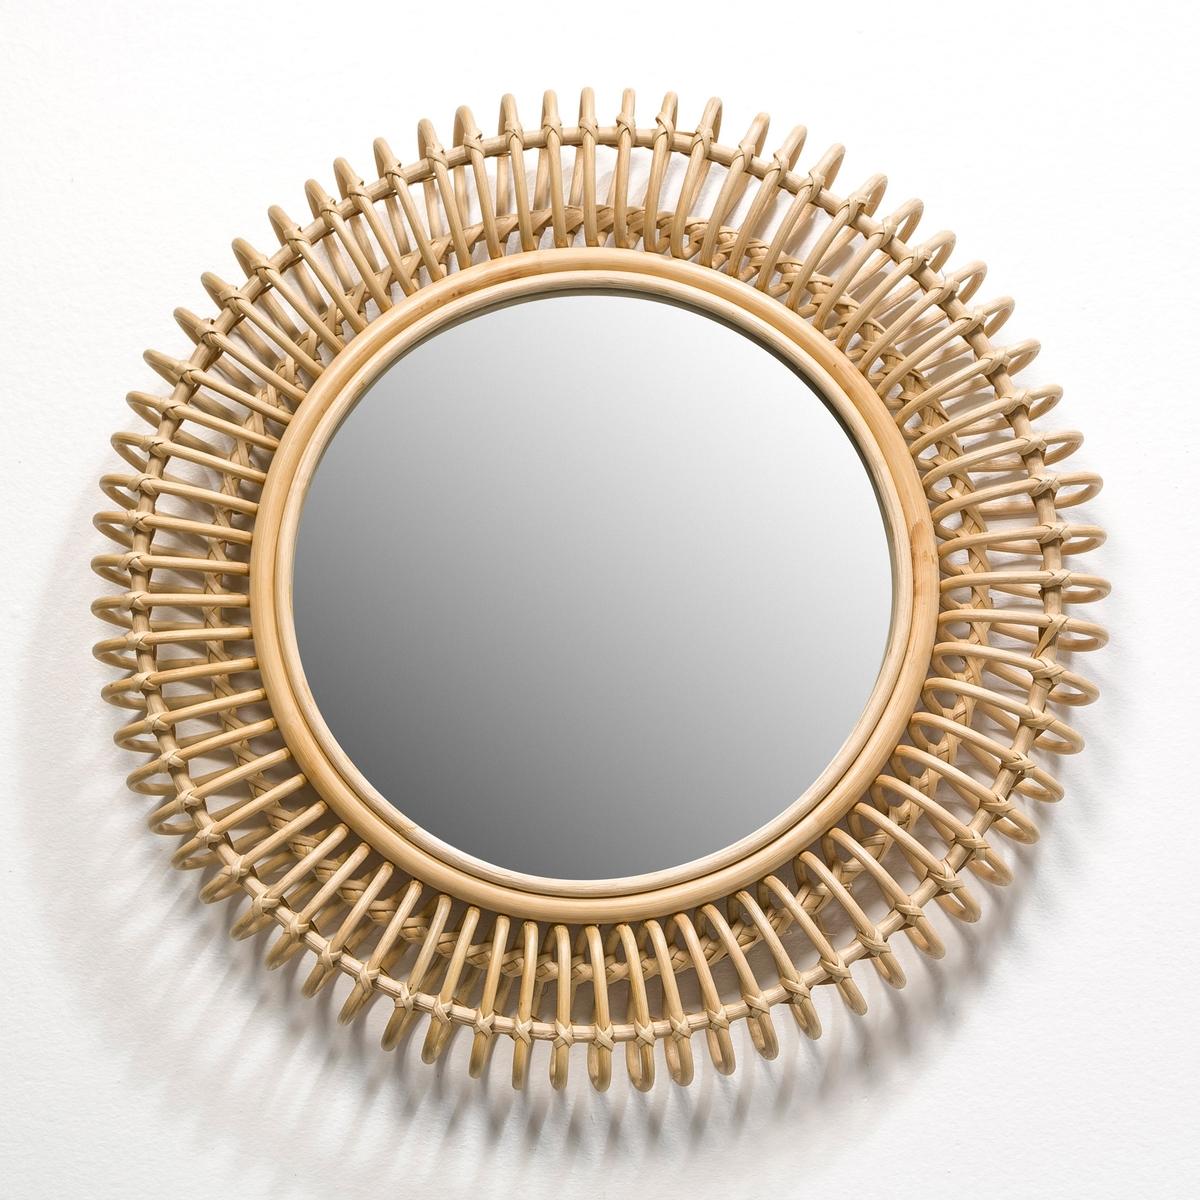 Зеркало круглое из ротанга Tarsile ?60 смЗеркало круглое из ротанга Tarsile.Характеристики: : - Из ротанга.Размеры :- Дл60 x В8 см .- Размеры зеркала : Диаметр 35 см<br><br>Цвет: серо-бежевый,черный